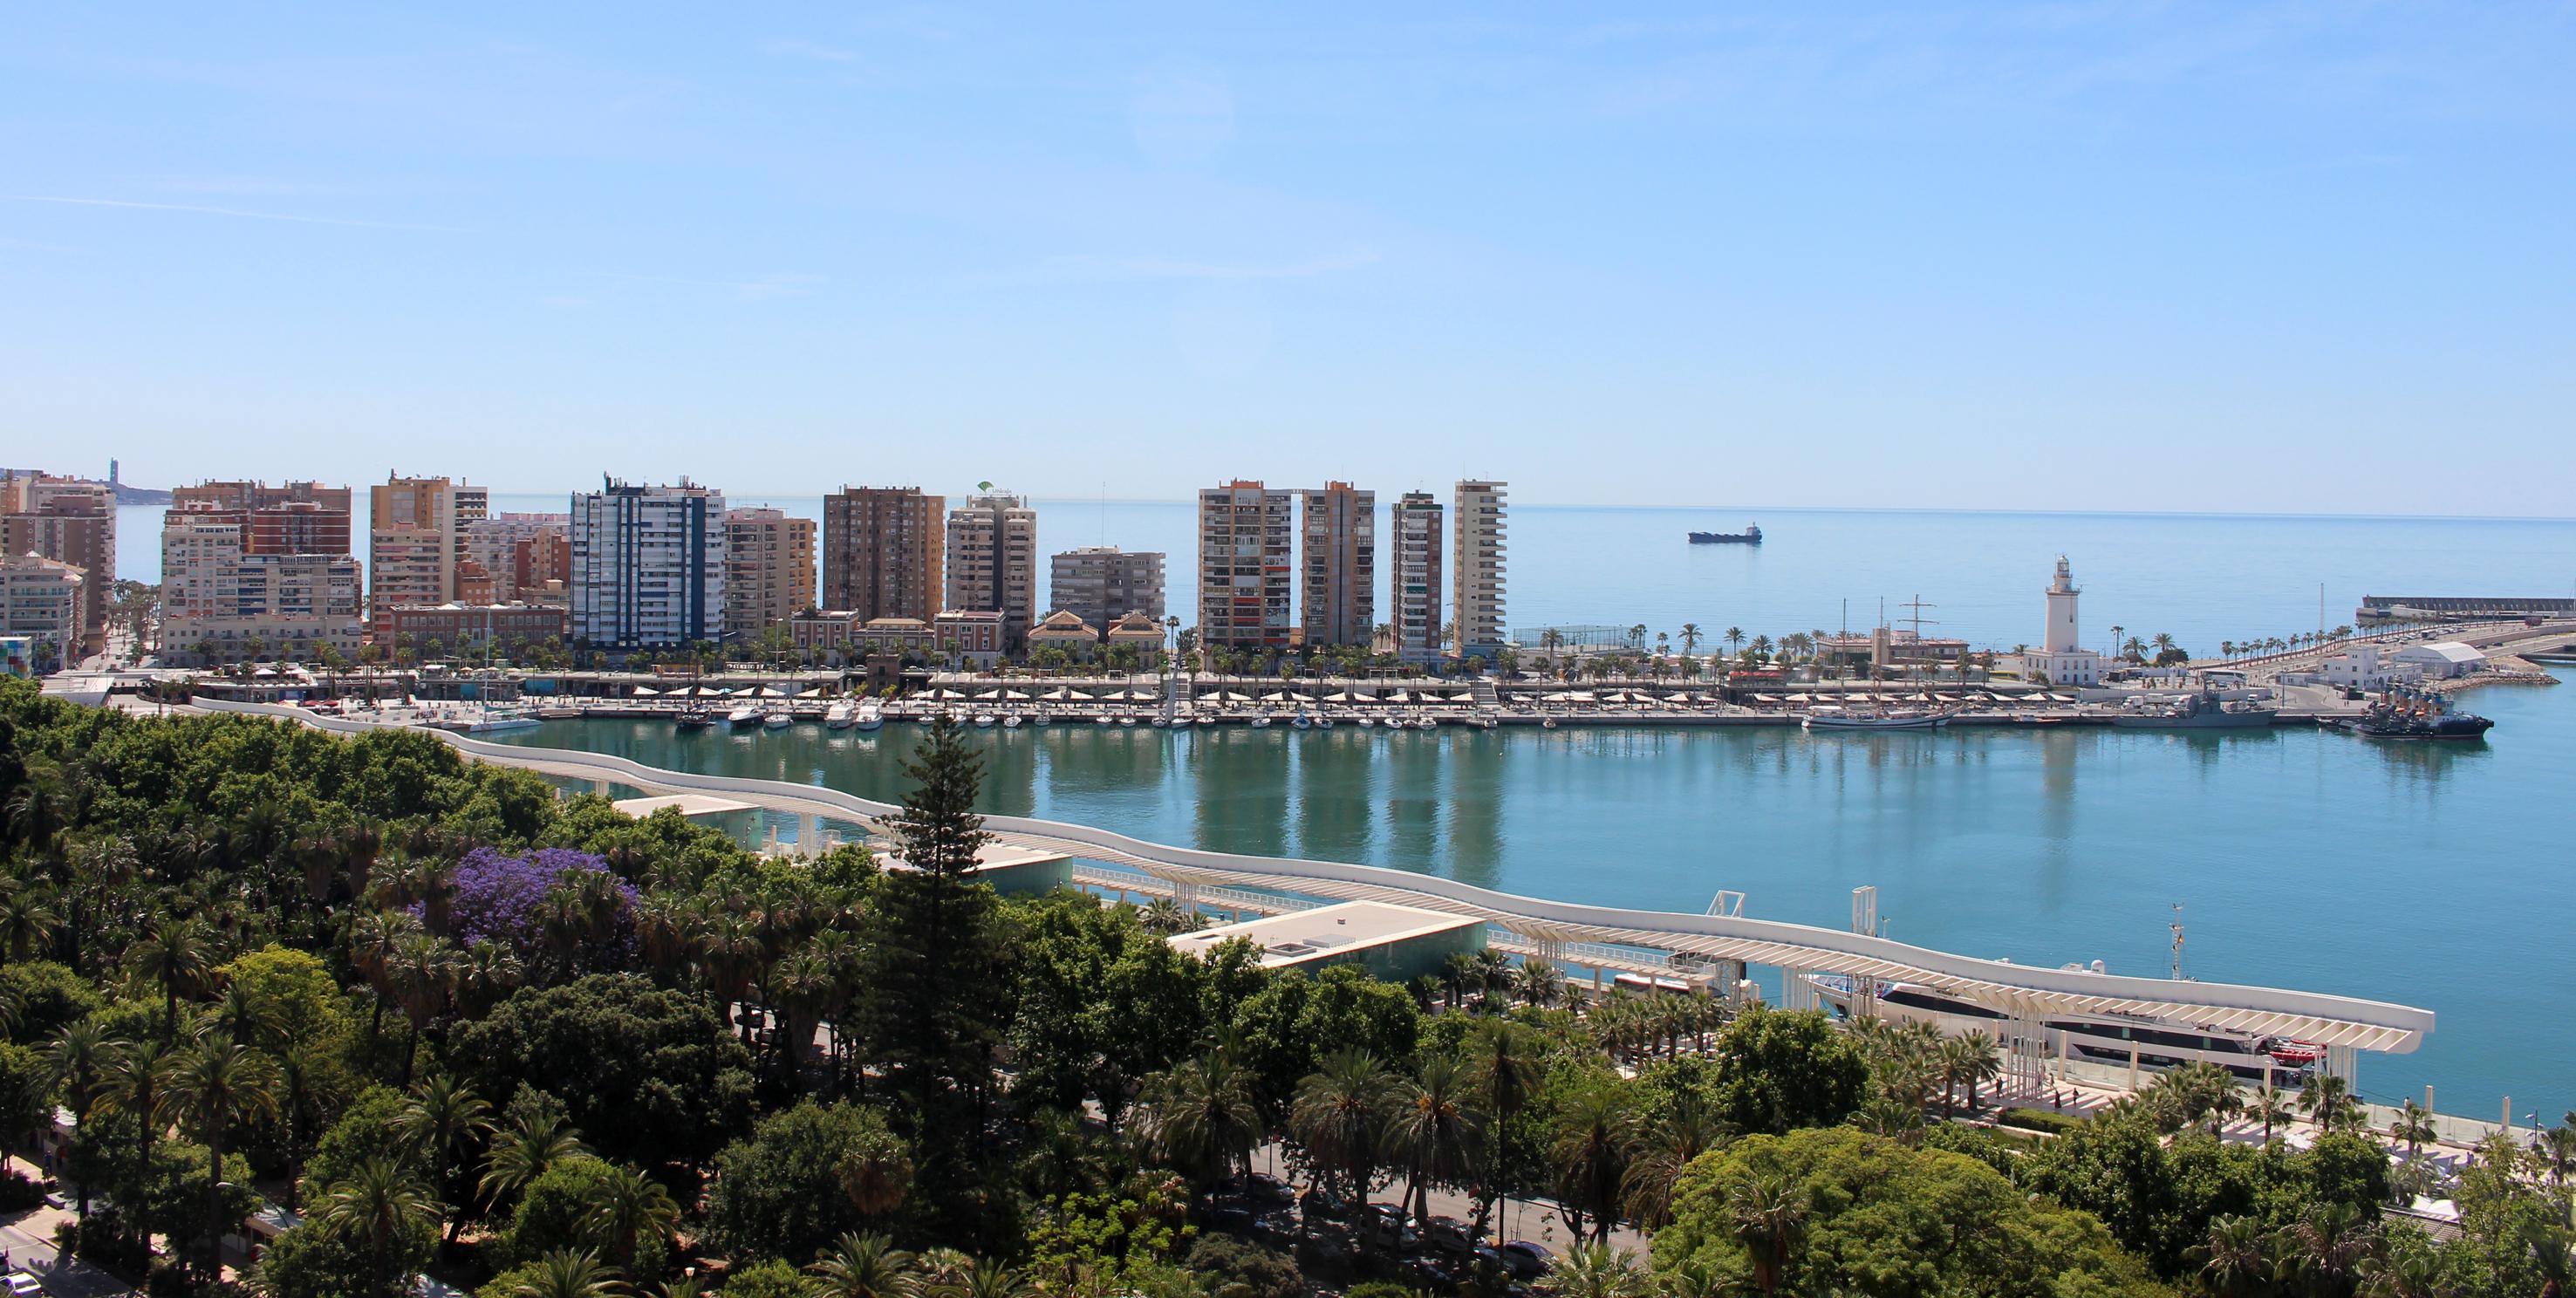 Island Global Yachting (IGY) y Ocean Capital Partners, seleccionados para construir y gestionar la dársena de megayates en el Puerto de Málaga